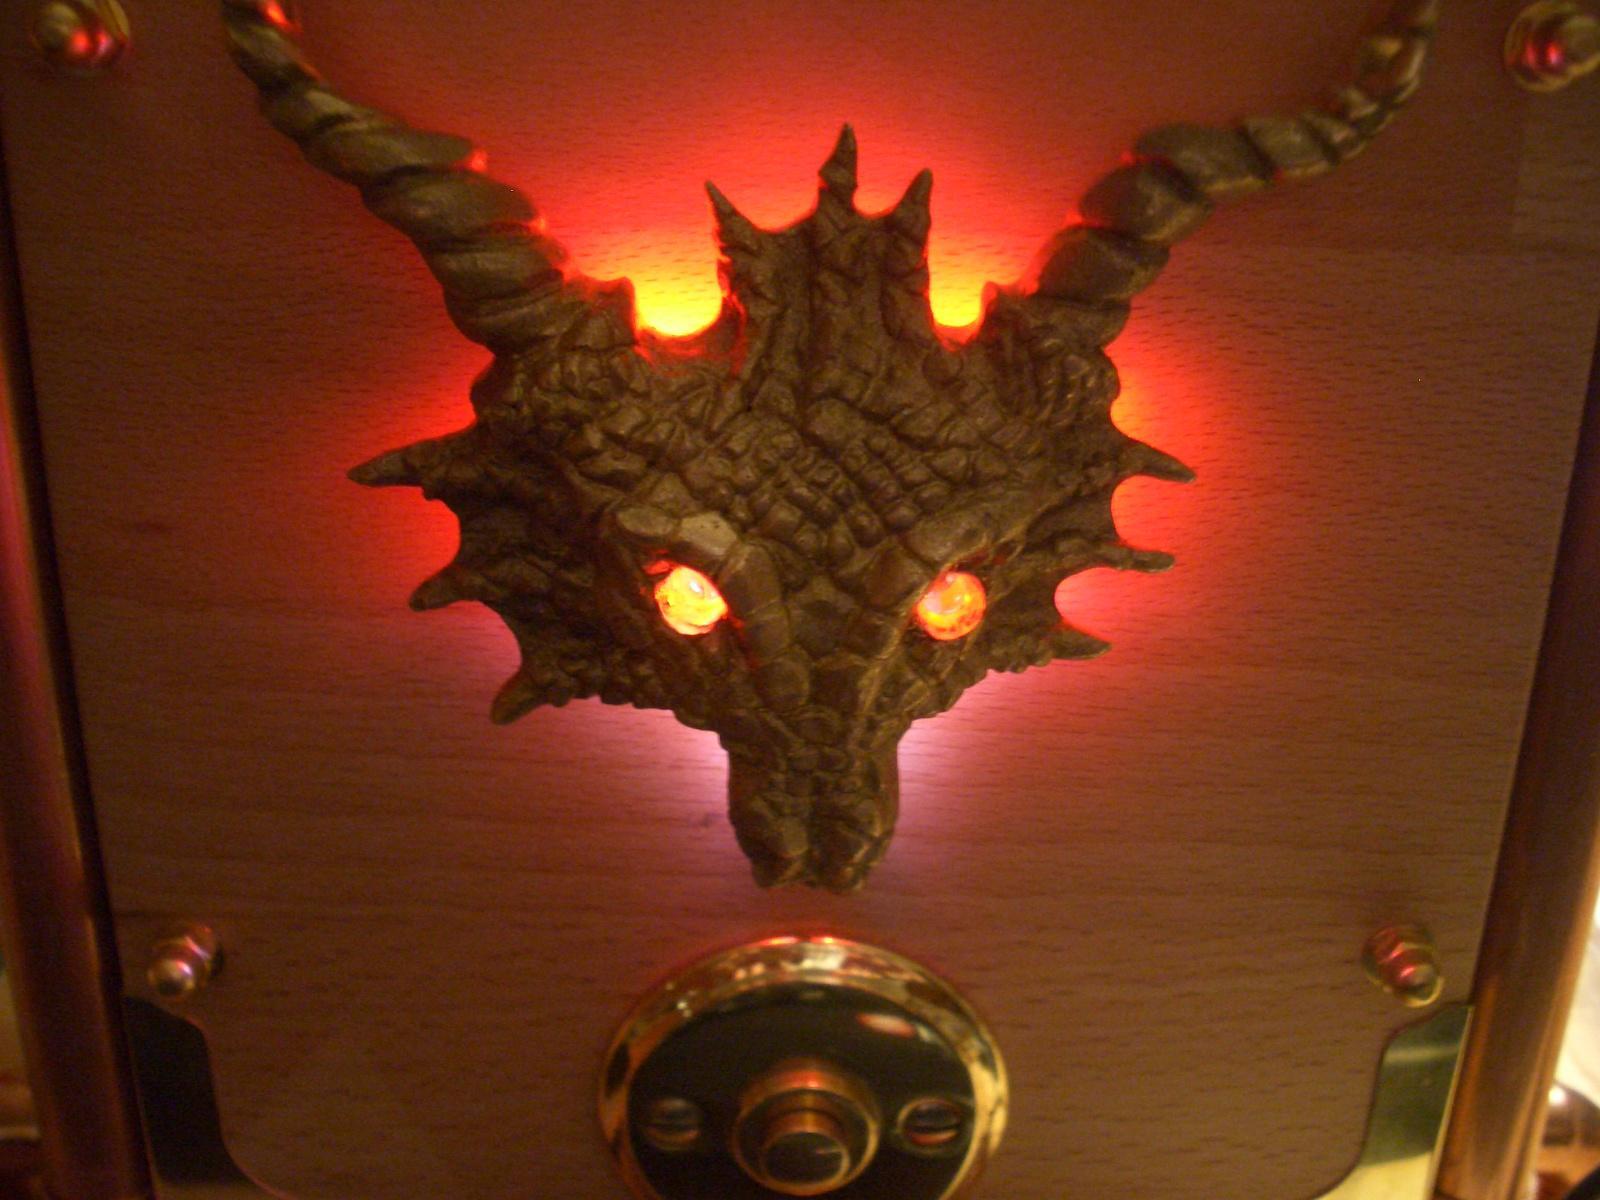 The Dragon, a desktop computer